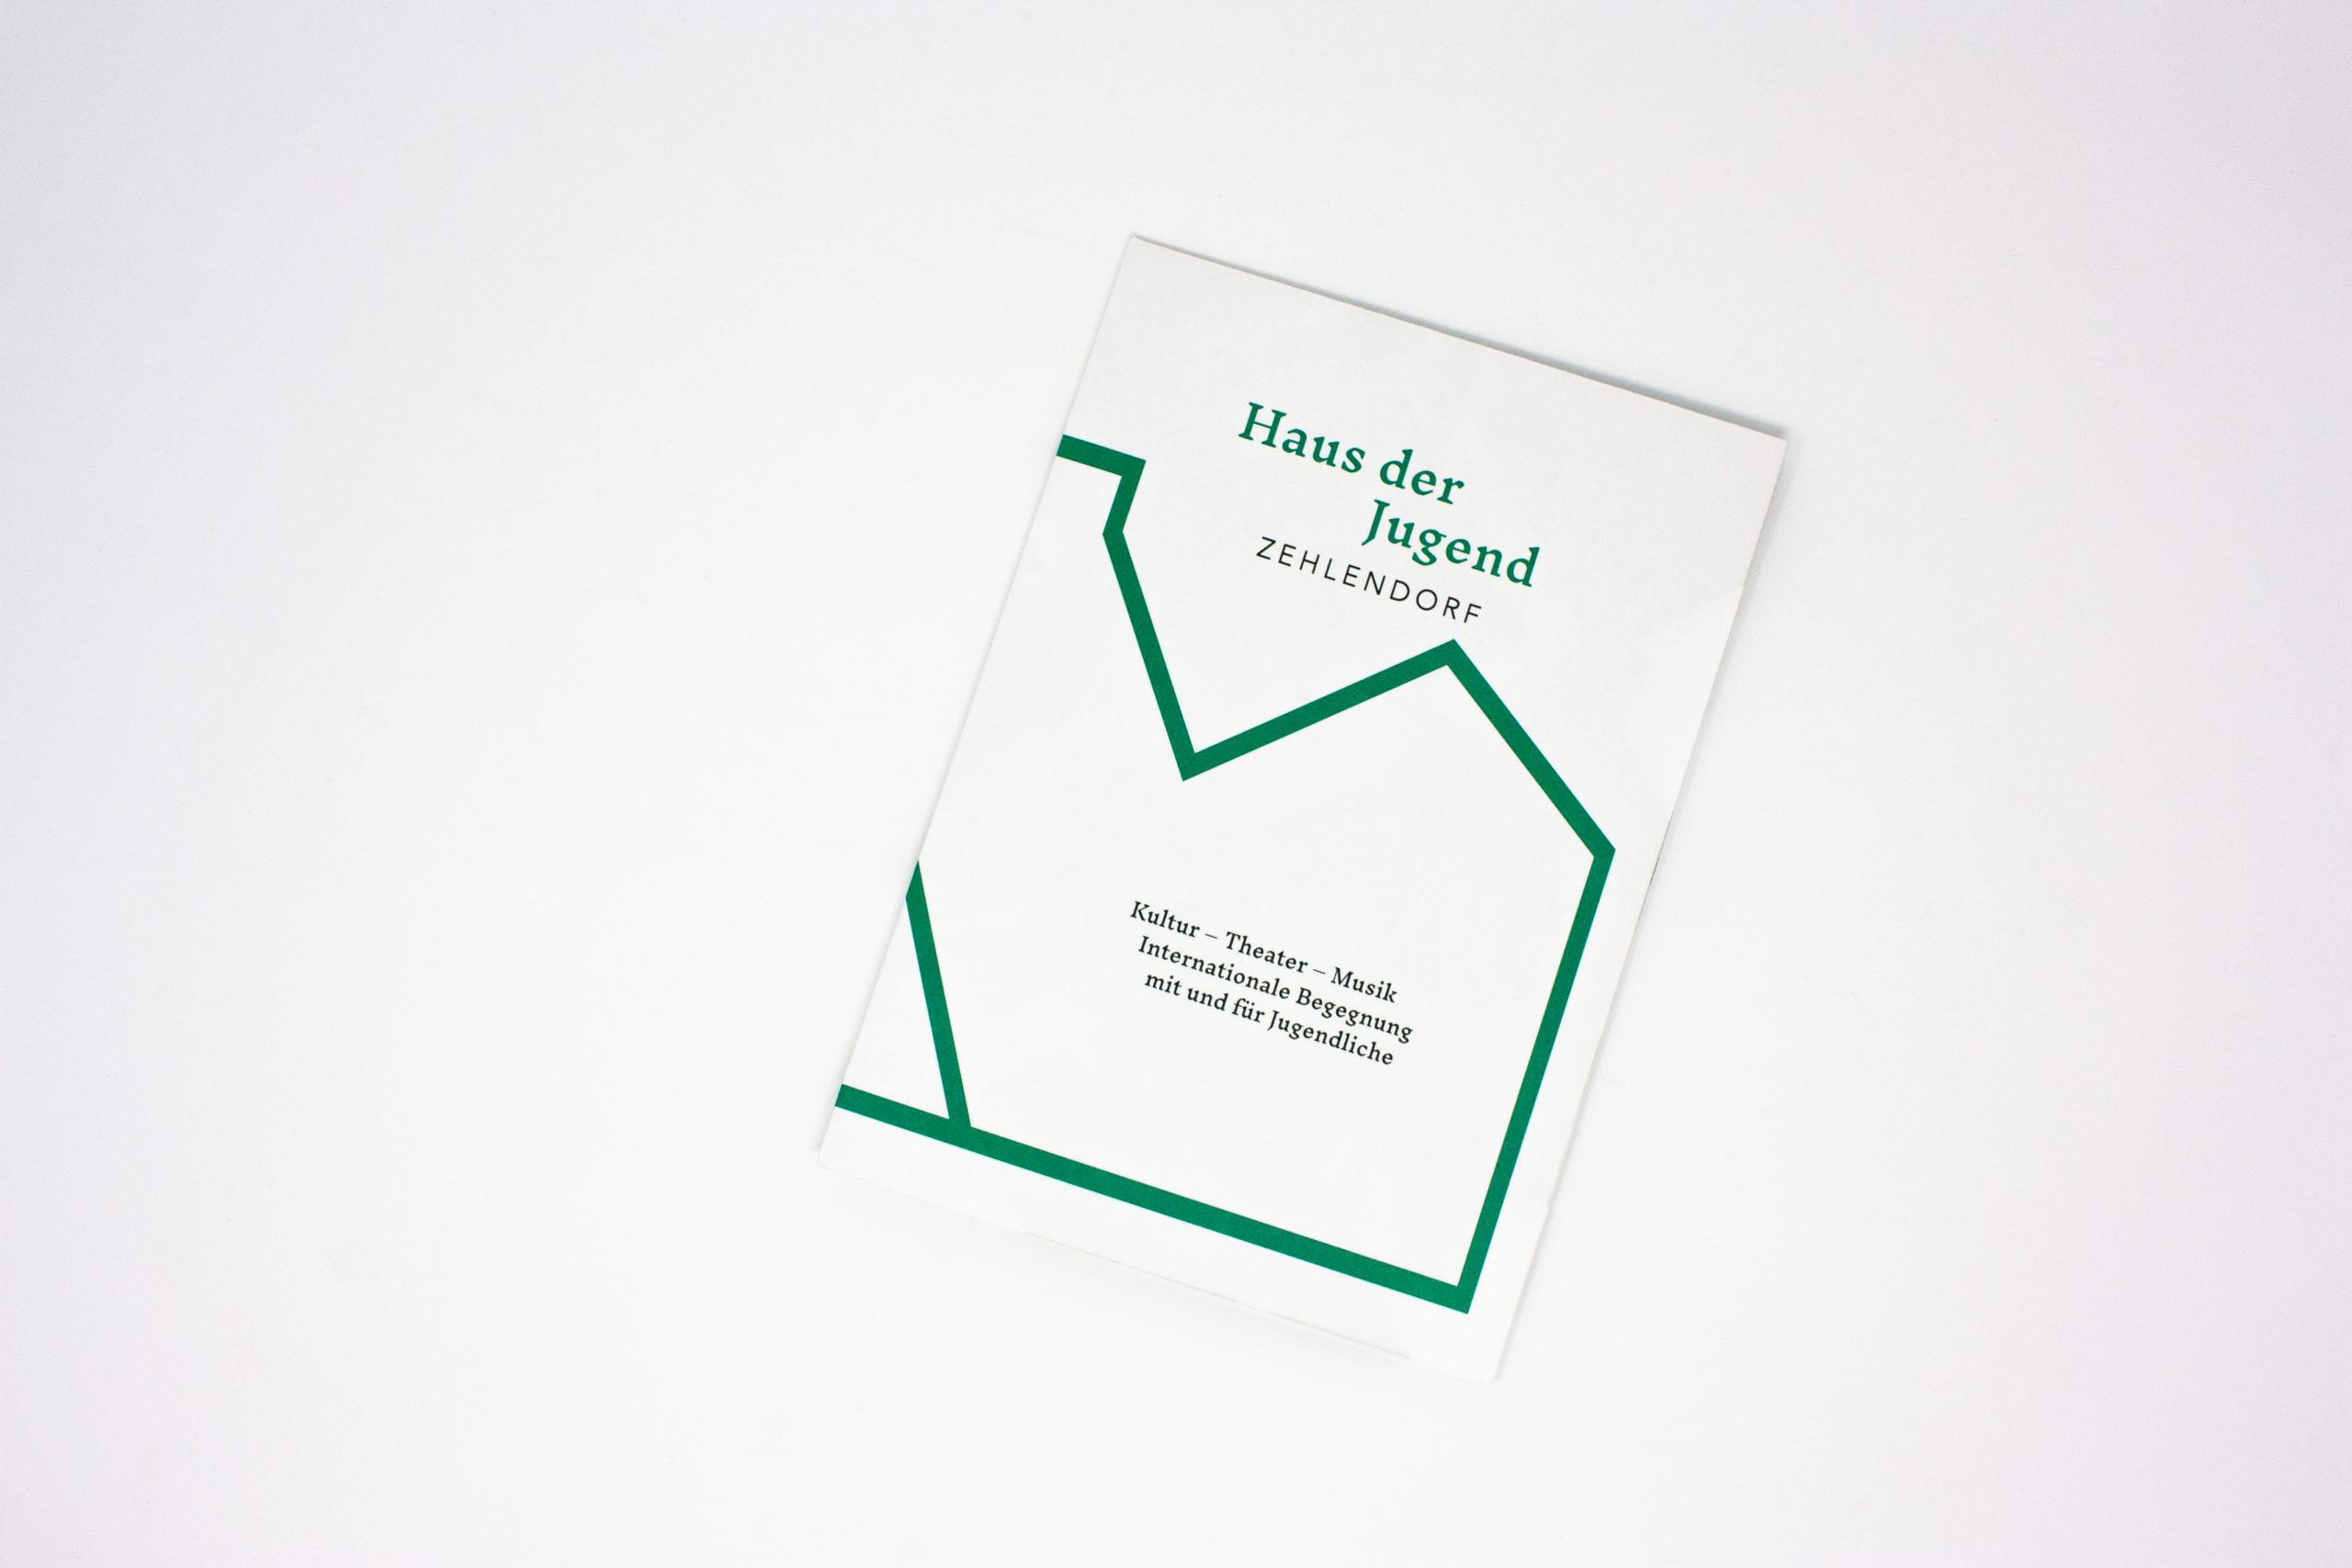 FORMLOS-Design-Haus_der_jugend_Zehlendorf-Flyer-Print-2